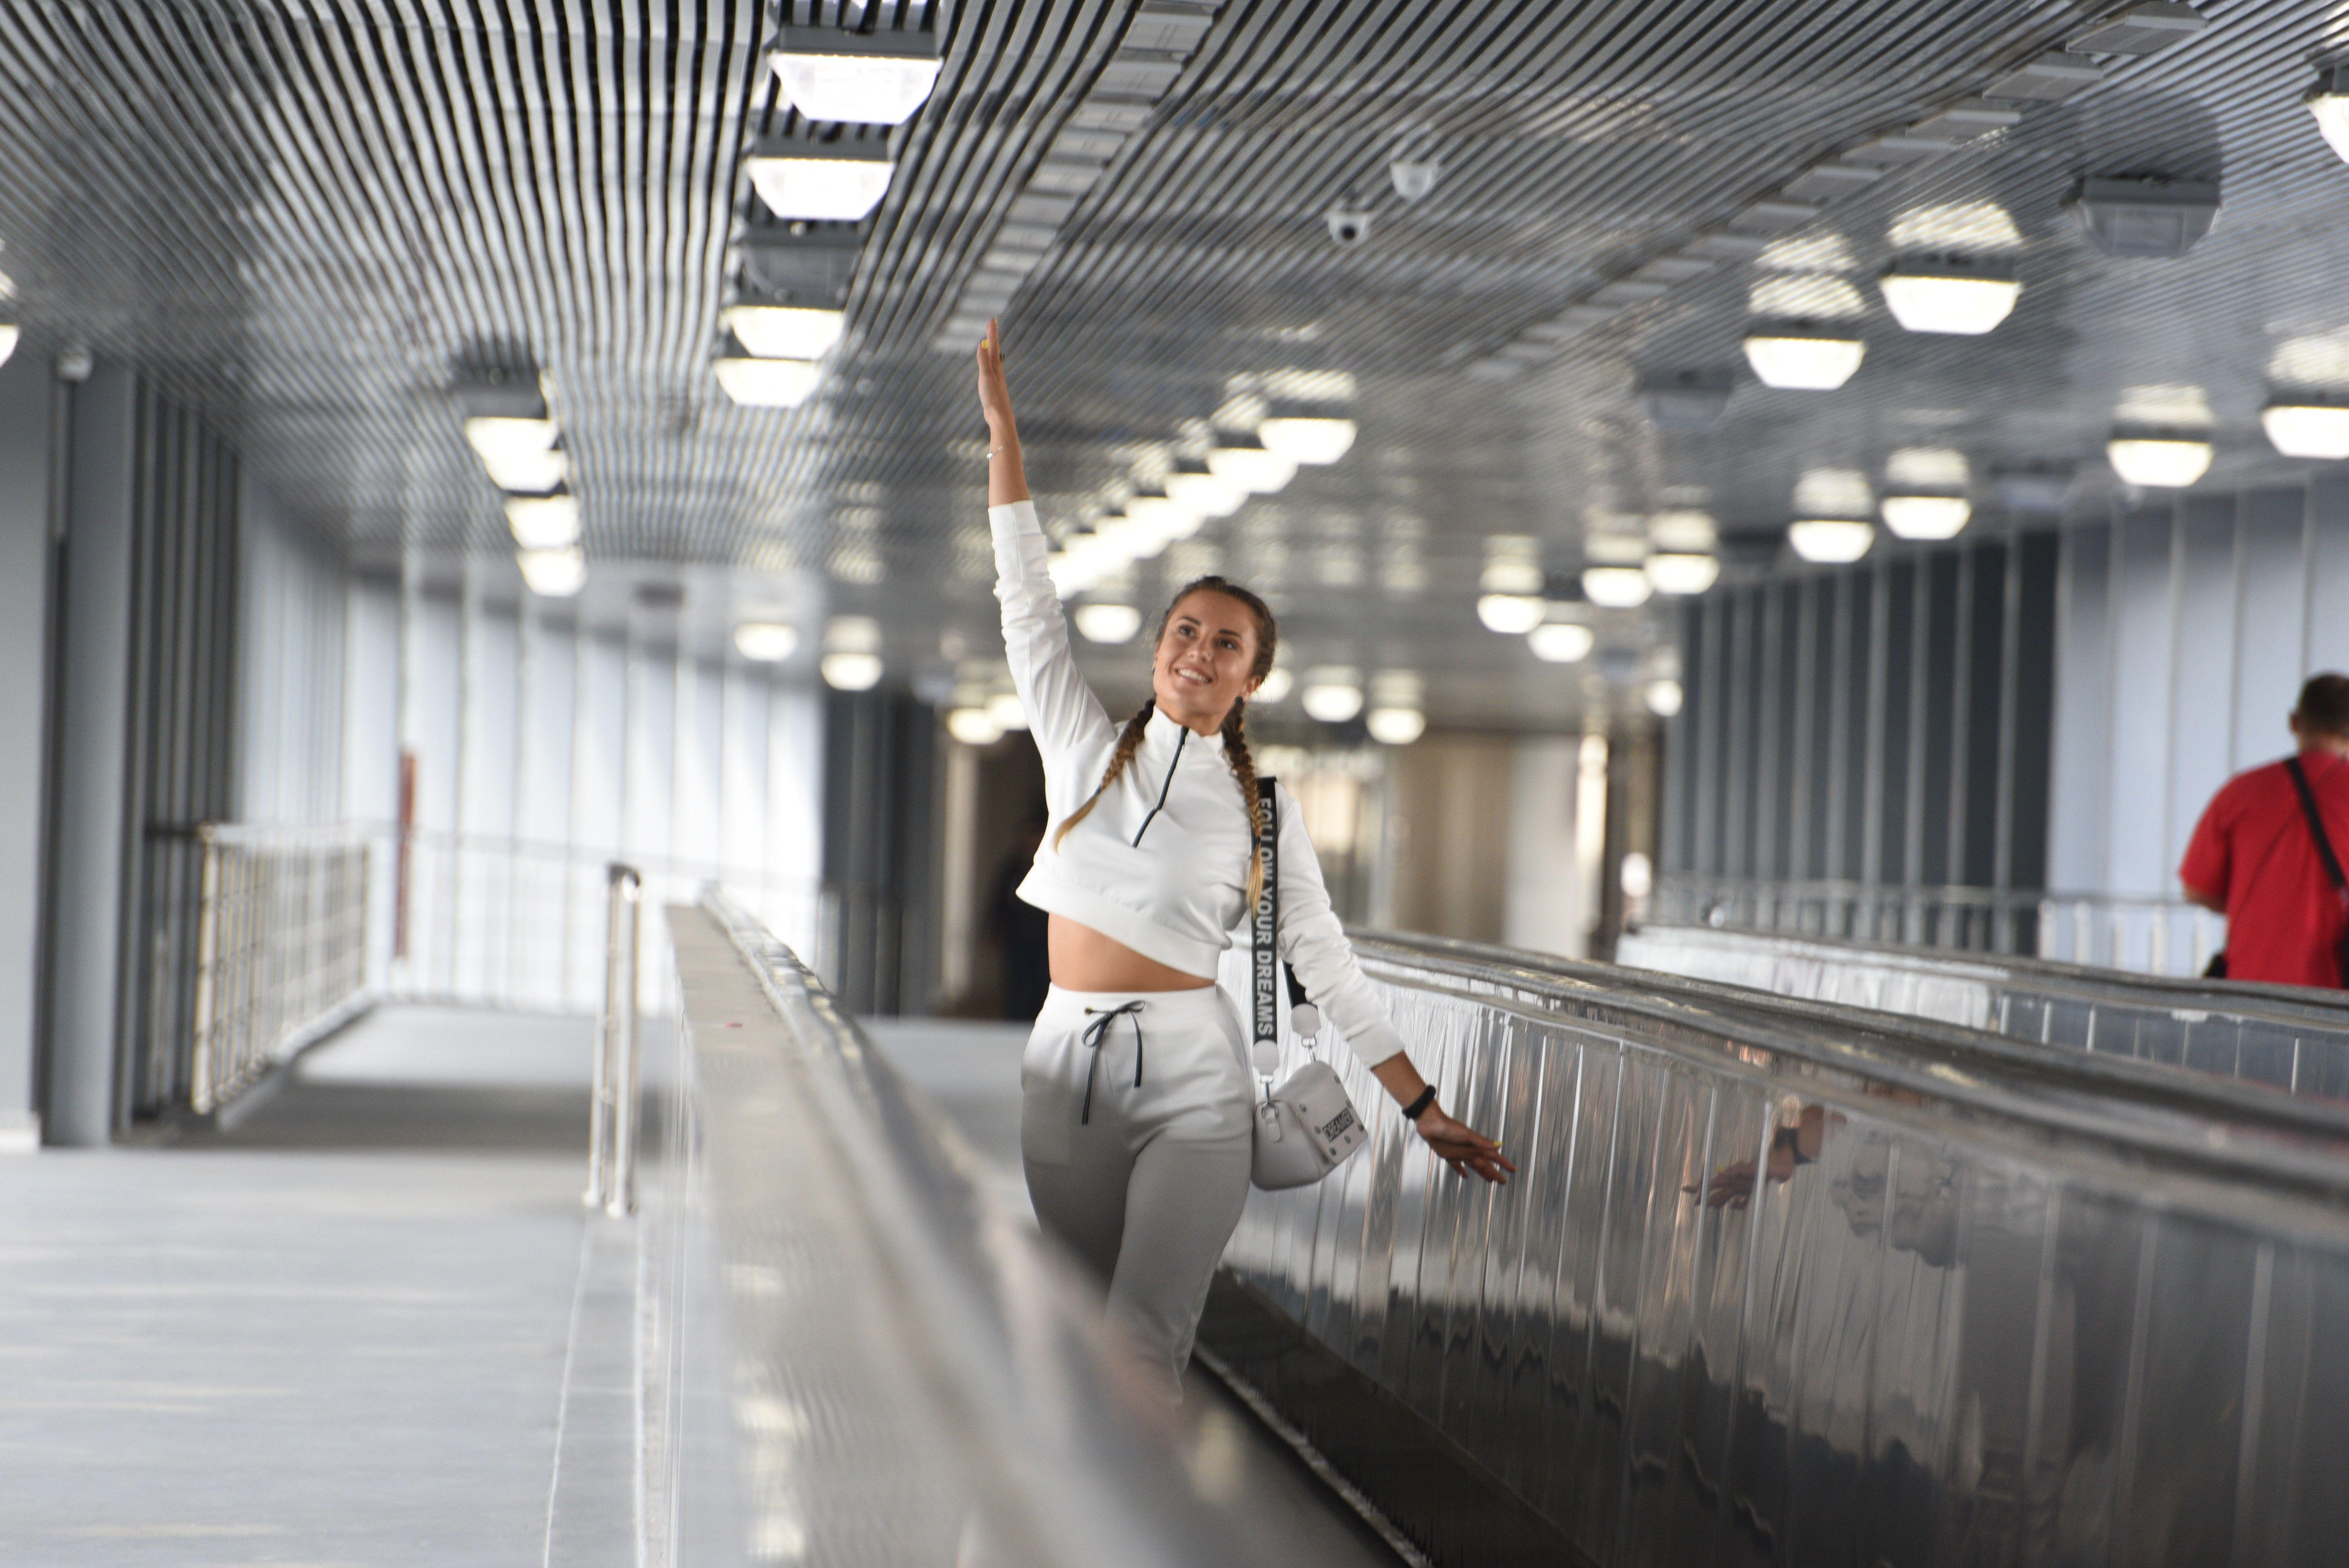 Москва соединит станцию метро «Аминьевское шоссе» и МЦД-4